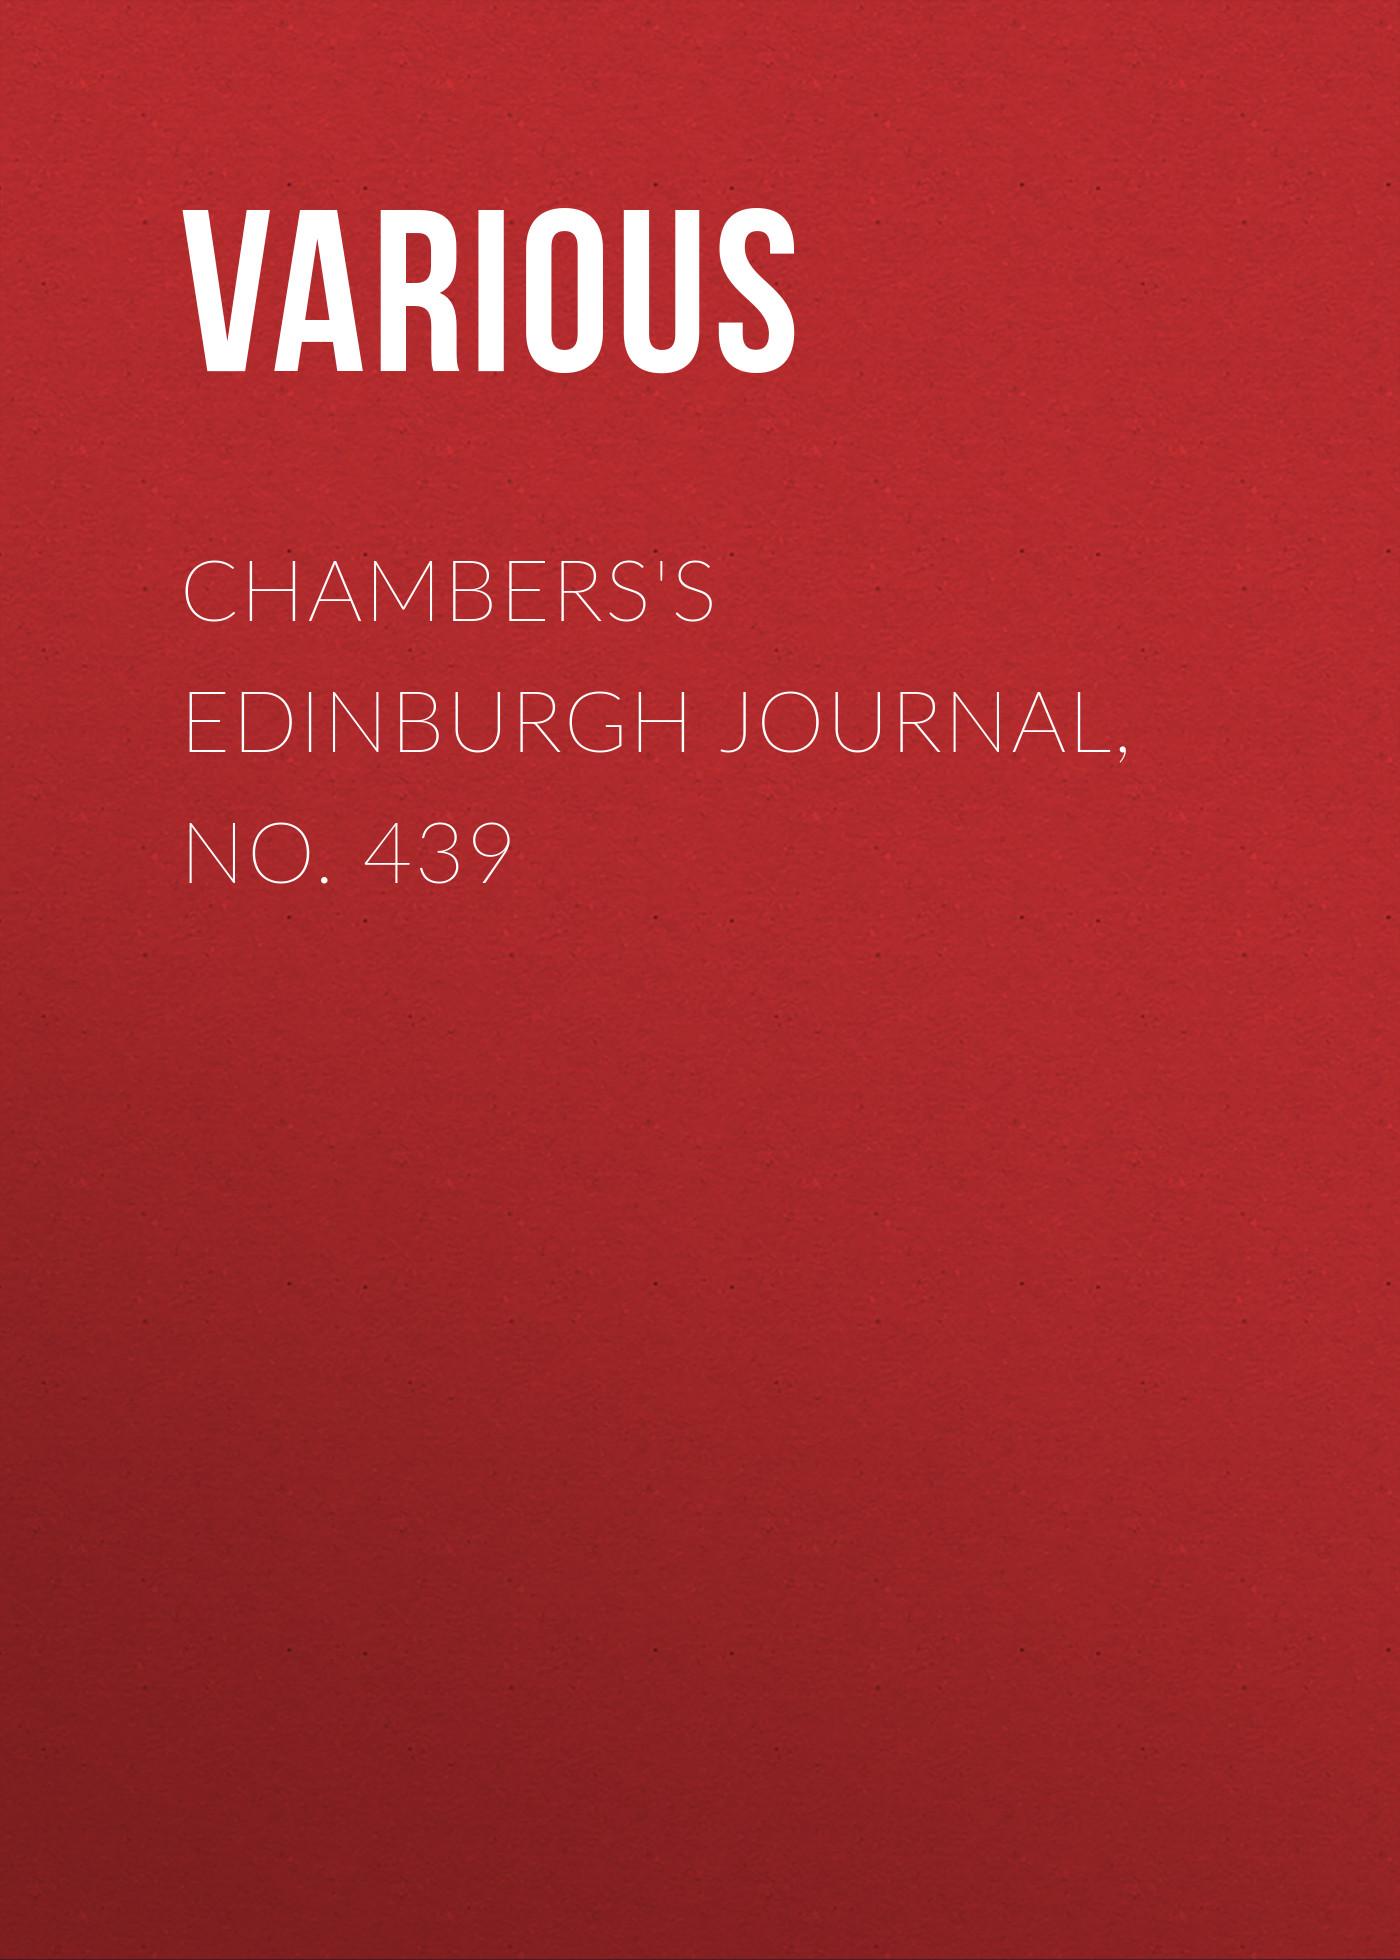 Chambers\'s Edinburgh Journal, No. 439 ( Various  )